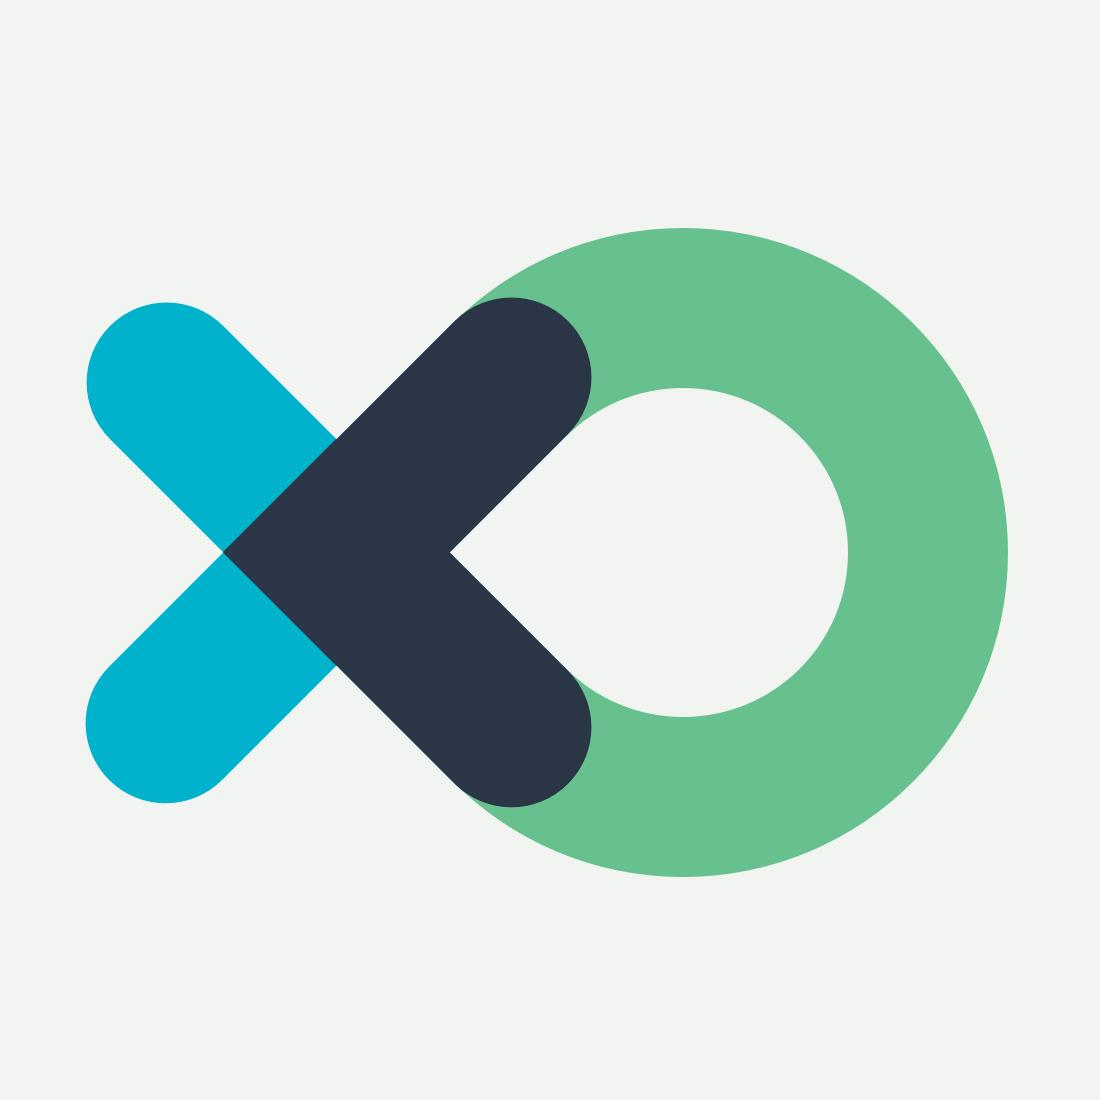 Flow XO - отзывы, цена, альтернативы (аналоги, конкуренты), бесплатные лимиты, функционал, сравнения.